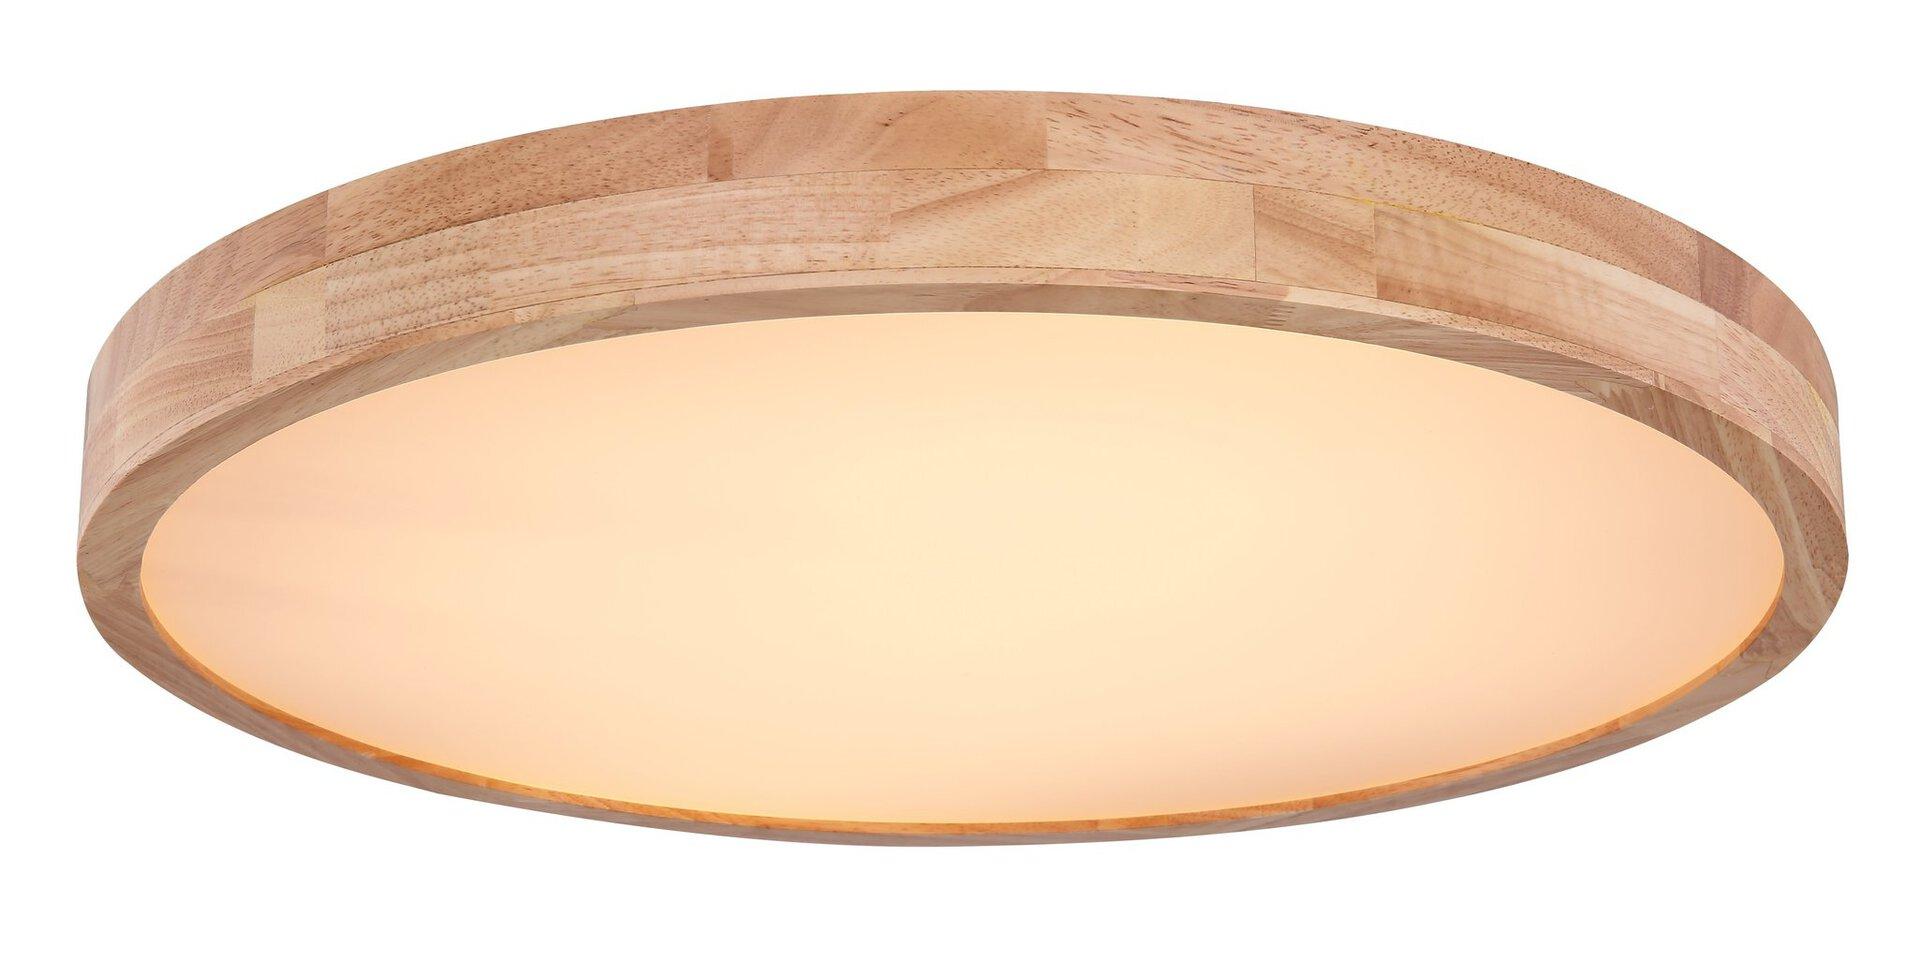 Deckenleuchte RAINER Globo Holz braun 60 x 11 x 60 cm